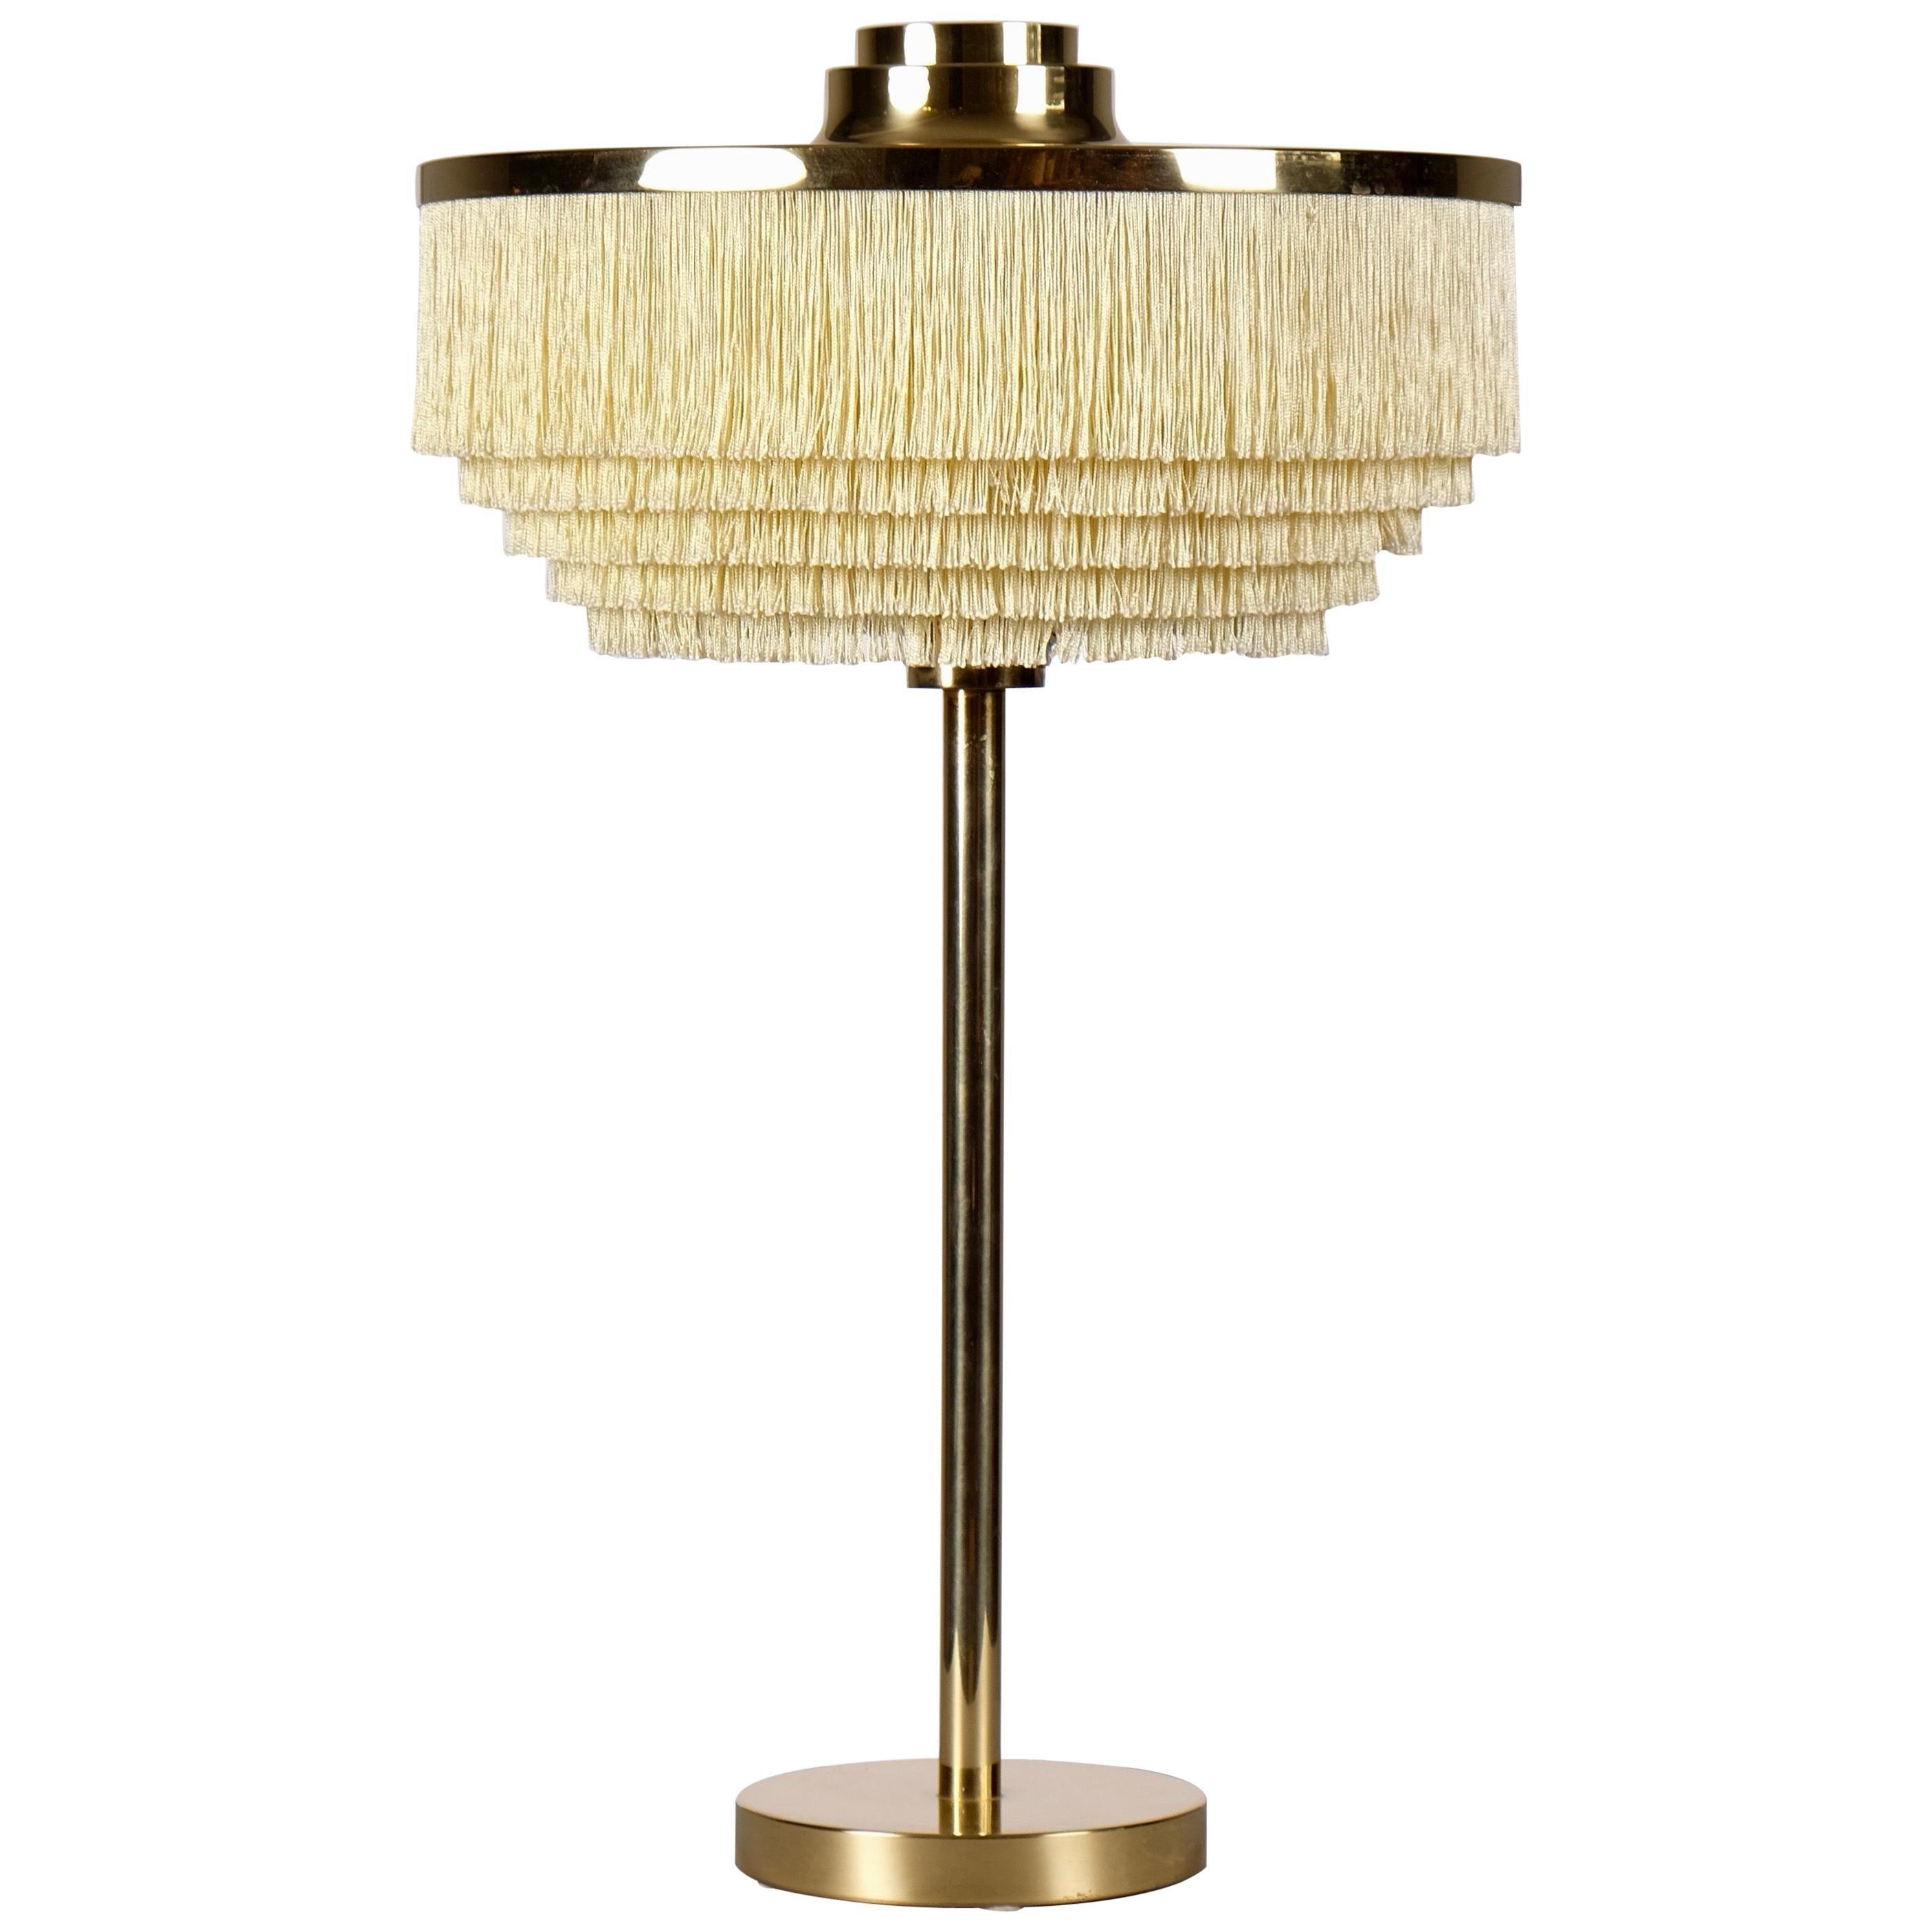 Hans-Agne Jakobsson Model B-138 Brass Table Lamp, 1960s